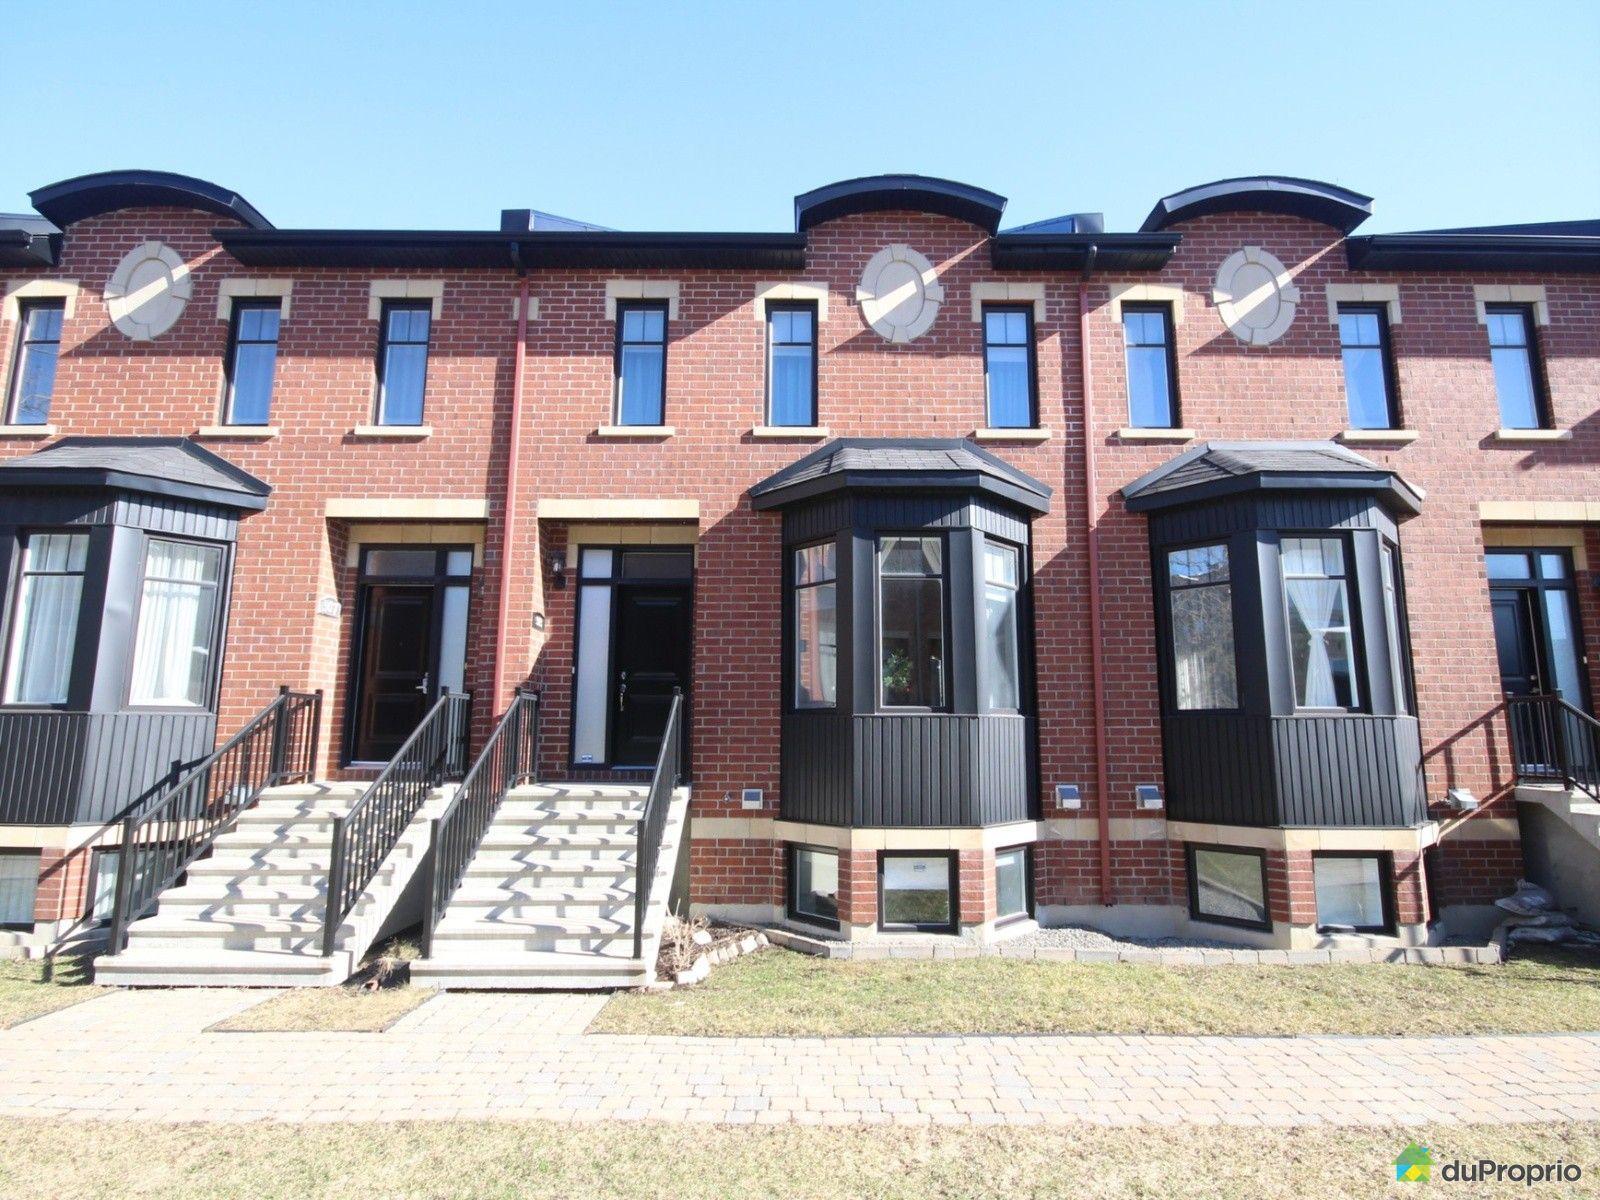 Maison vendre montr al 303 rue khalil gibran immobilier qu bec duproprio 691890 - Piscine st laurent de chamousset ...